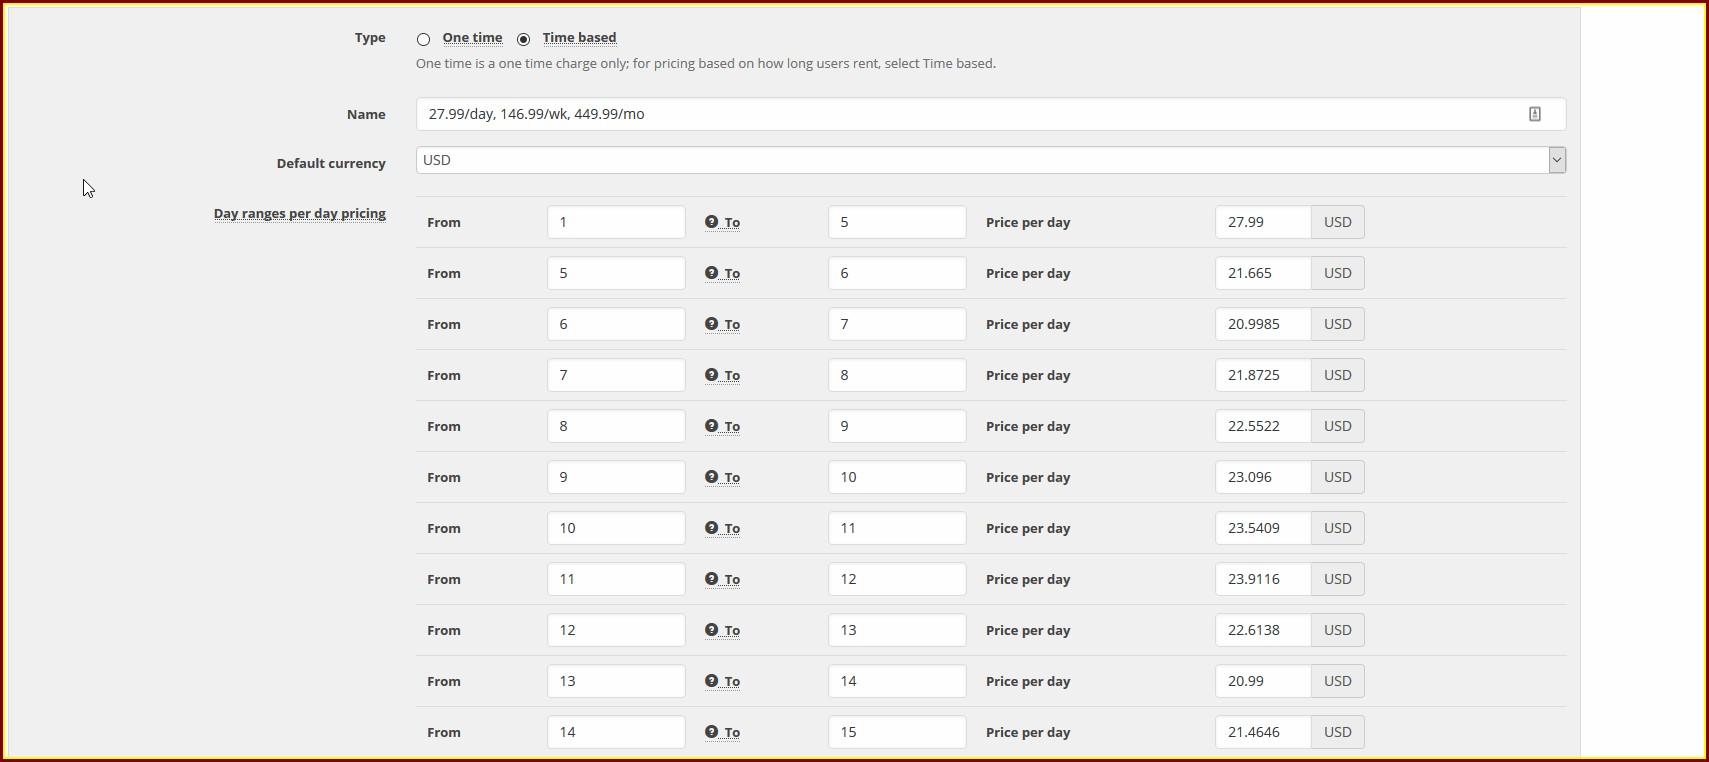 Excel Vba Worksheet Saveas Overwrite